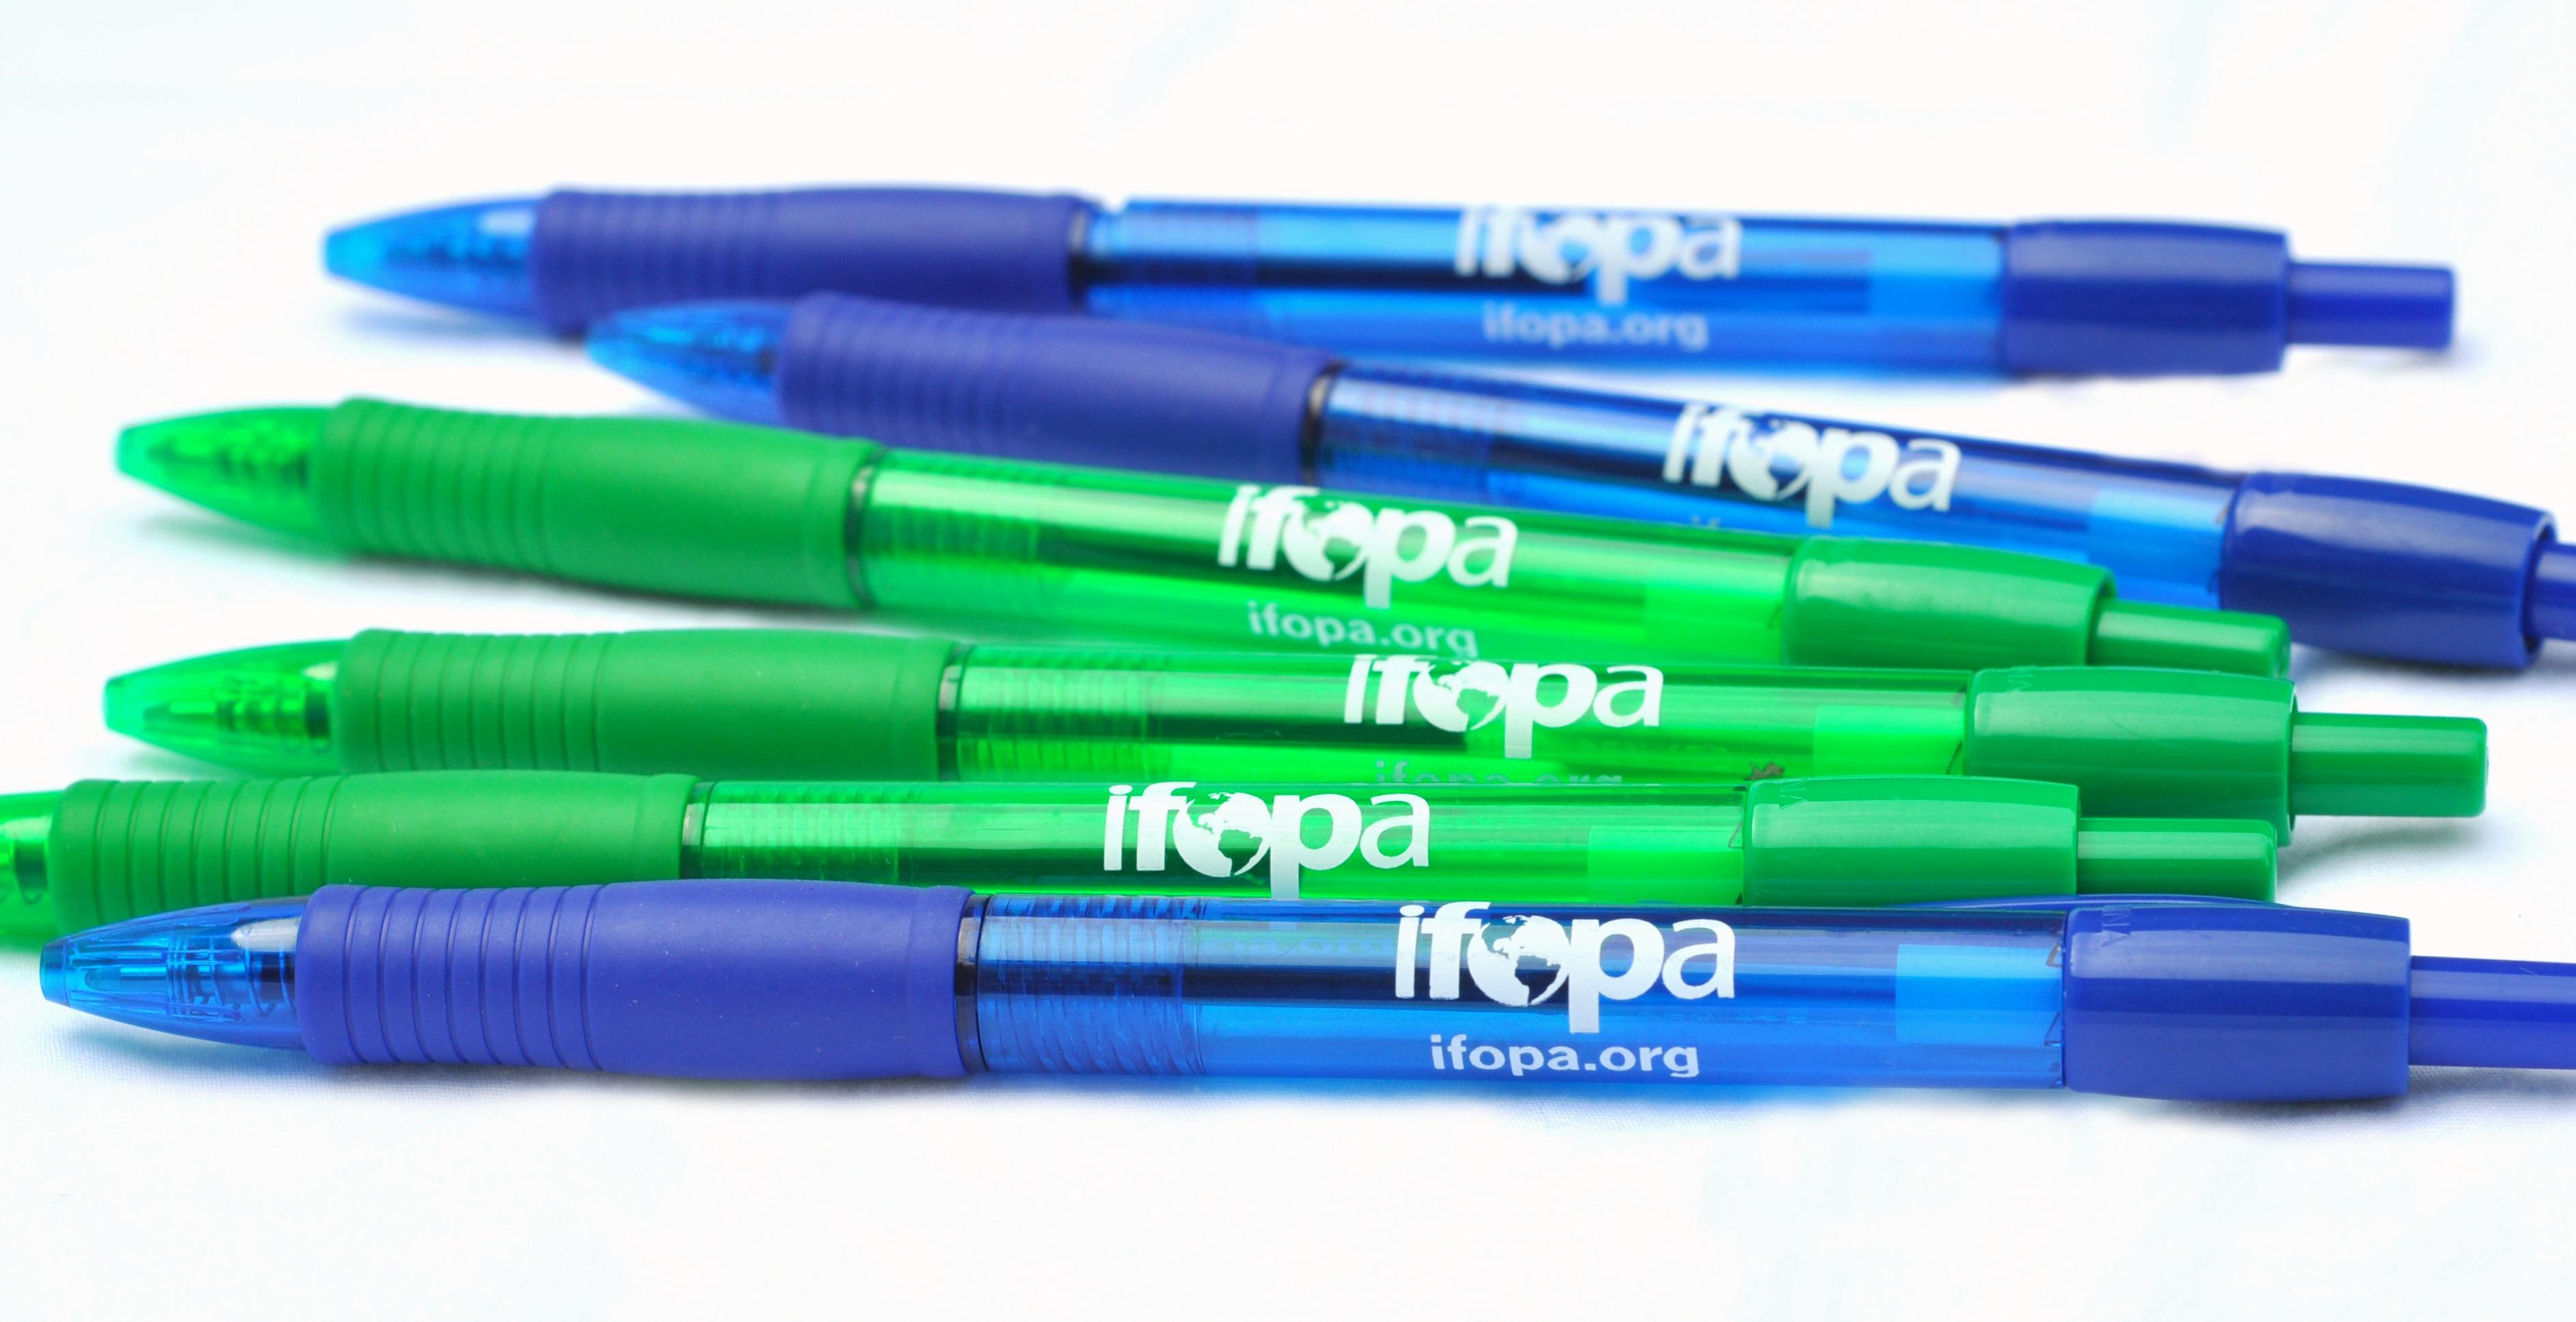 IFOPA_pens.jpg